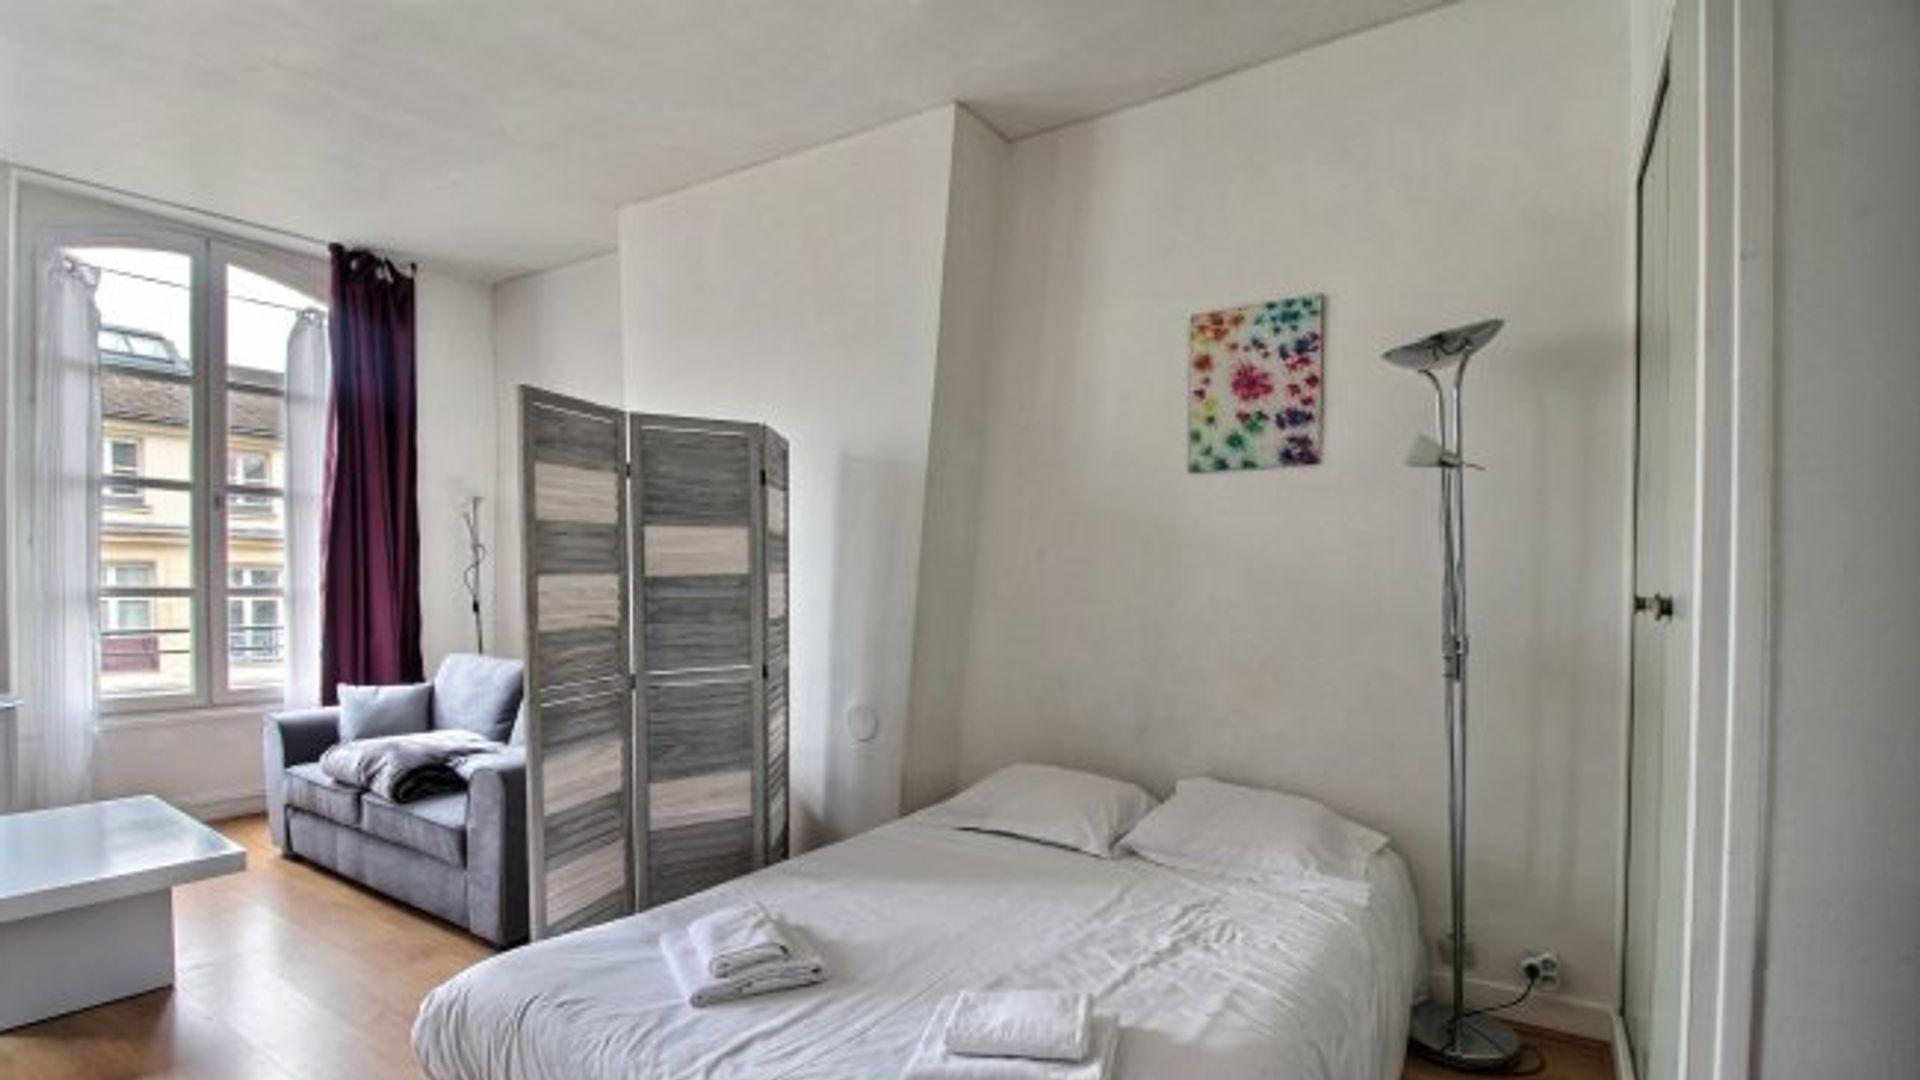 29 Rue De La Ferronnerie room in apt at 29 rue de la ferronnerie, 75001 paris, france